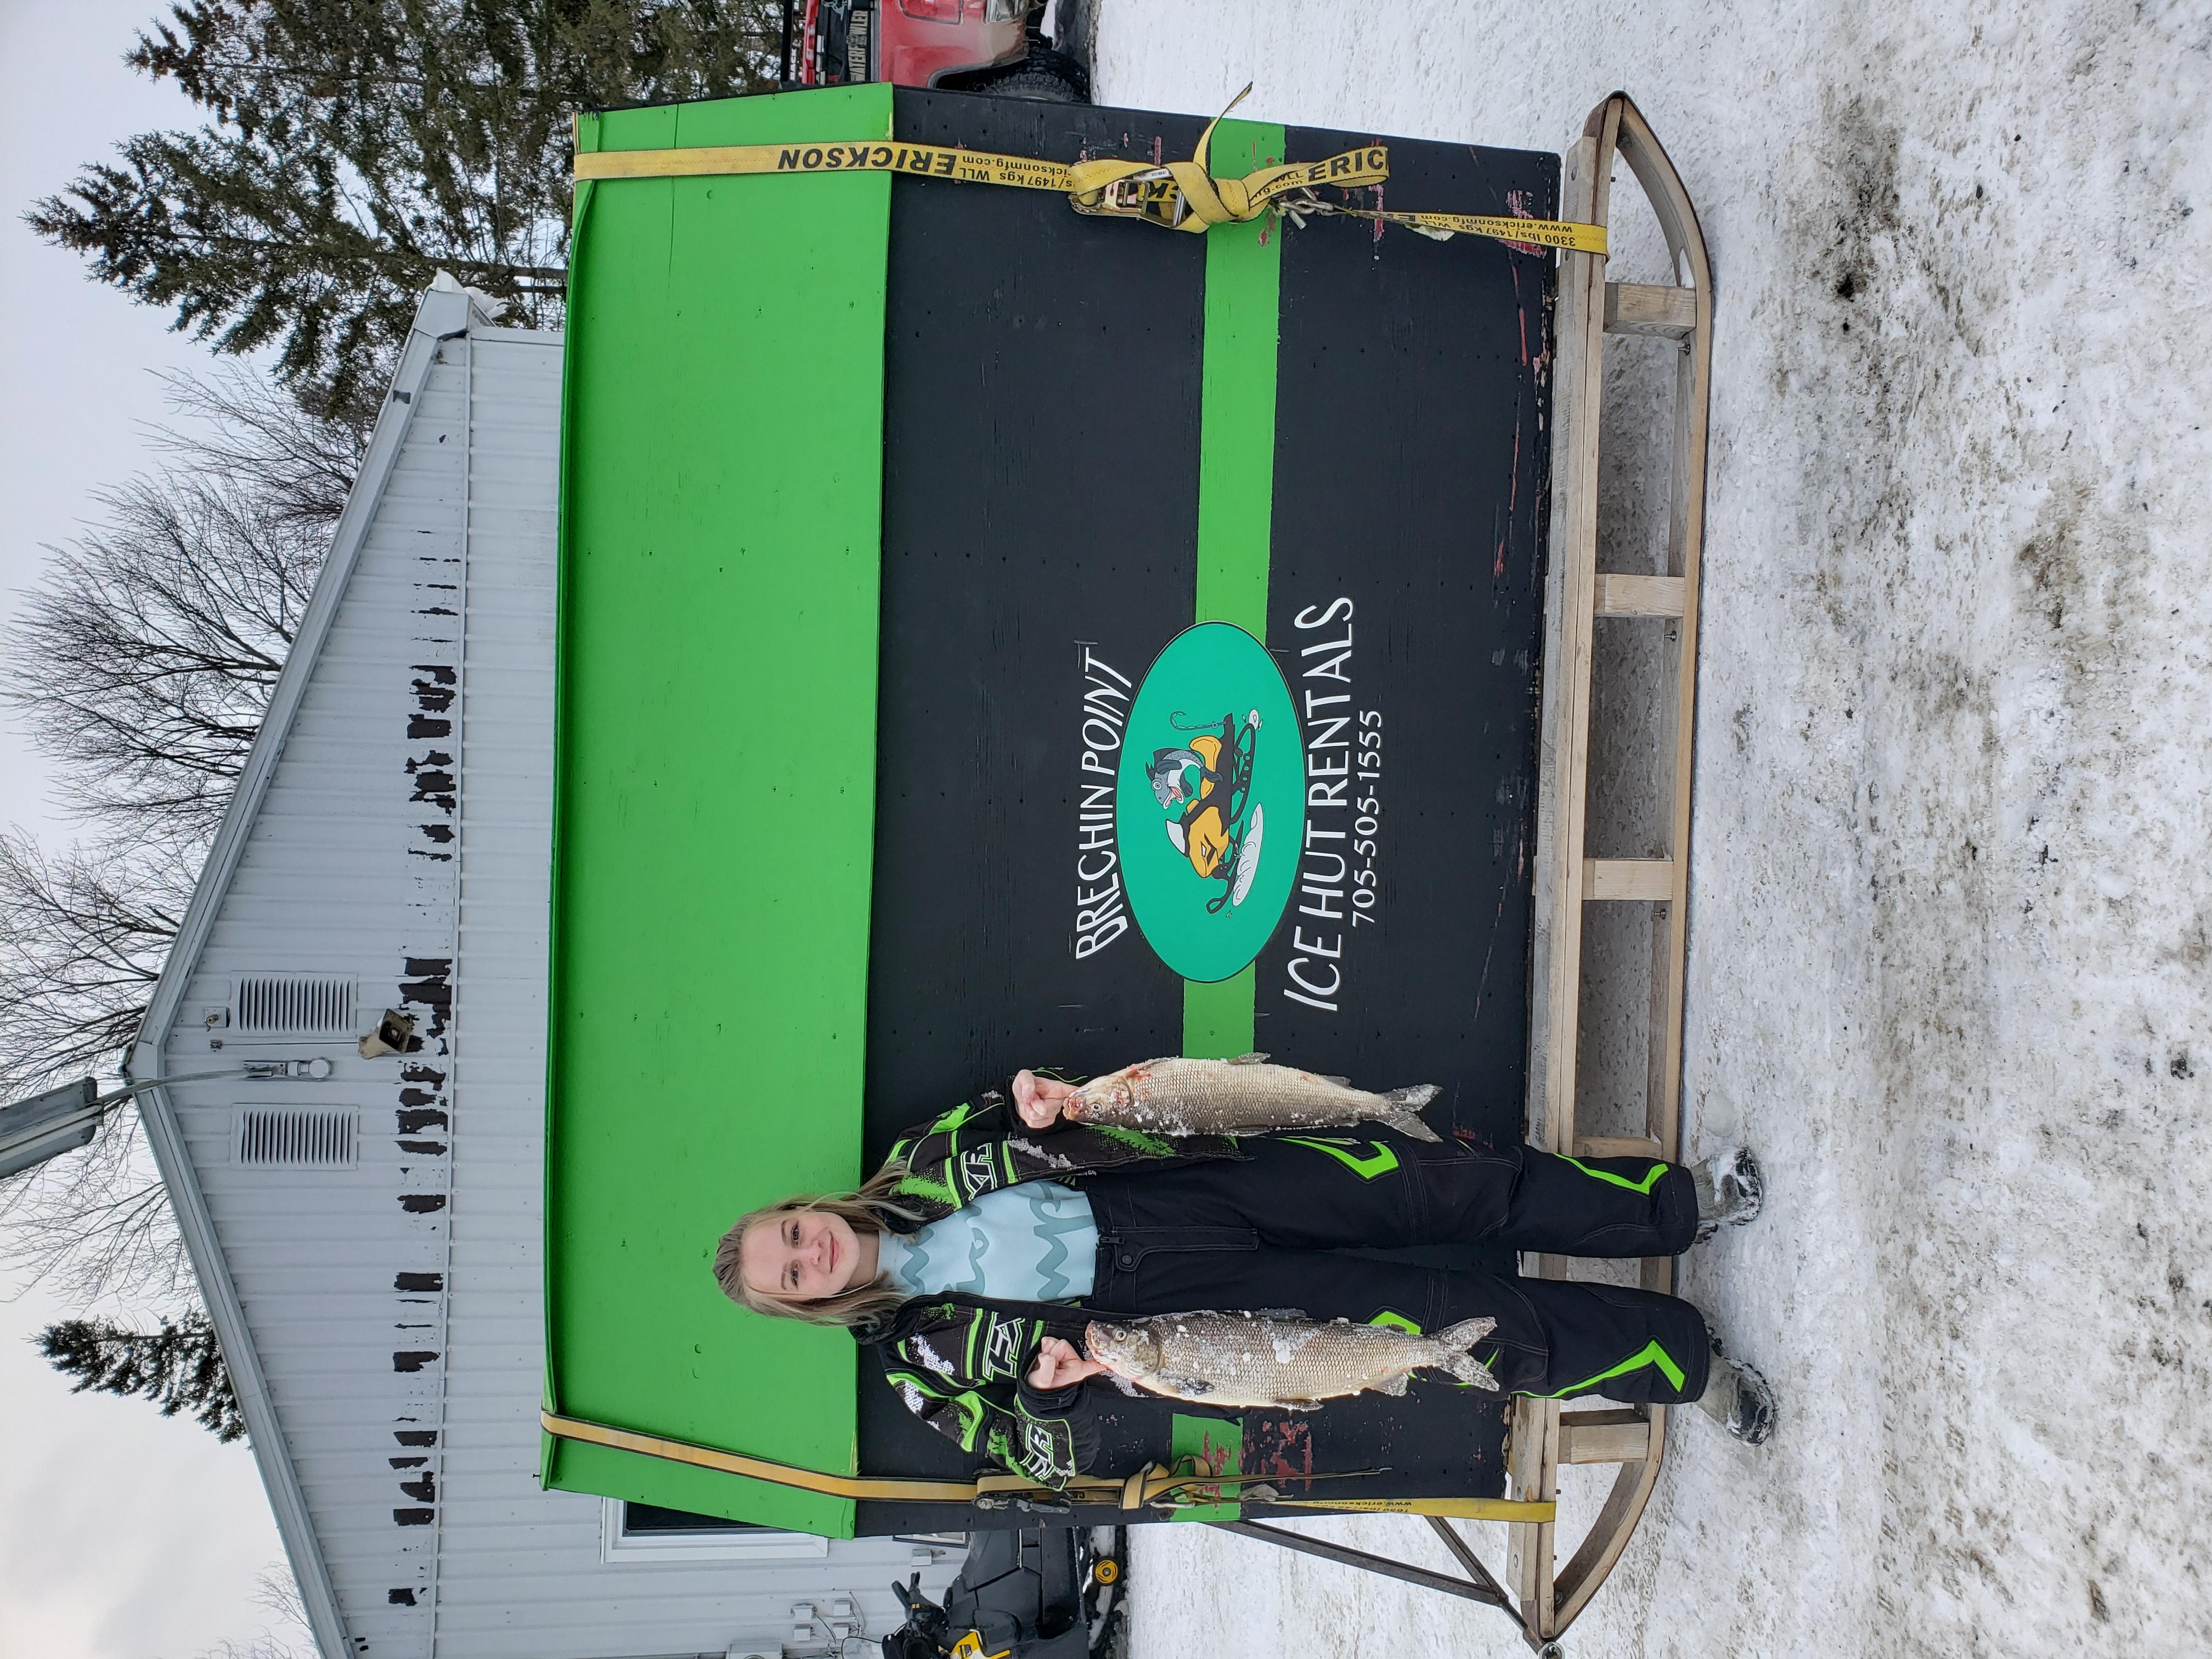 Brechin Point Ice Hut Rentals Inc.